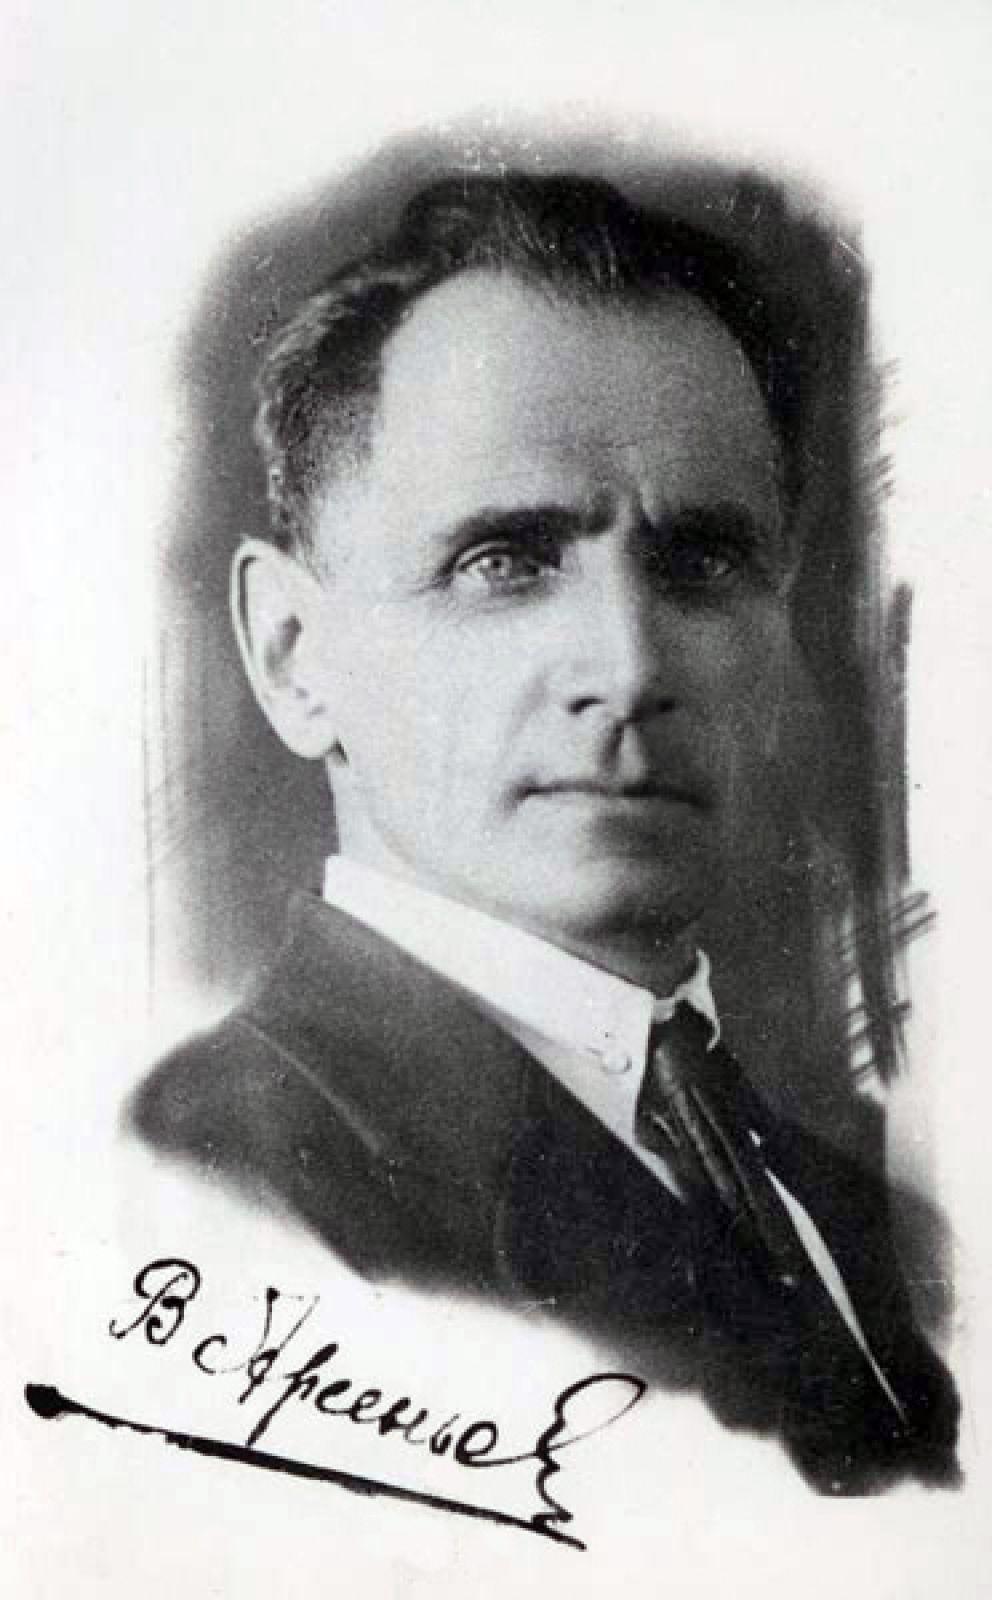 Владивосток — исследователь Дальнего Востока Владимир Арсеньев.